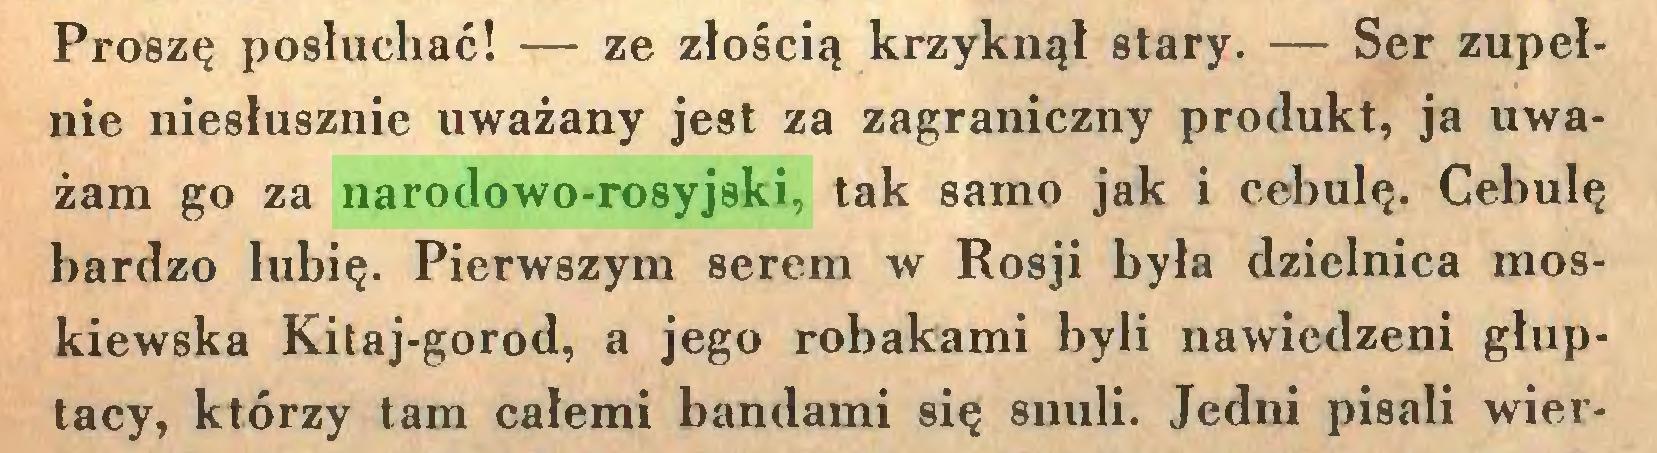 (...) Proszę posłuchać! — ze złością krzyknął stary. — Ser zupełnie niesłusznie uważany jest za zagraniczny produkt, ja uważam go za narodowo-rosyjski, tak samo jak i cebulę. Cebulę bardzo lubię. Pierwszym serem w Rosji była dzielnica moskiewska Kitaj-gorod, a jego robakami byli nawiedzeni głuptacy, którzy tam całemi bandami się snuli. Jedni pisali wier...